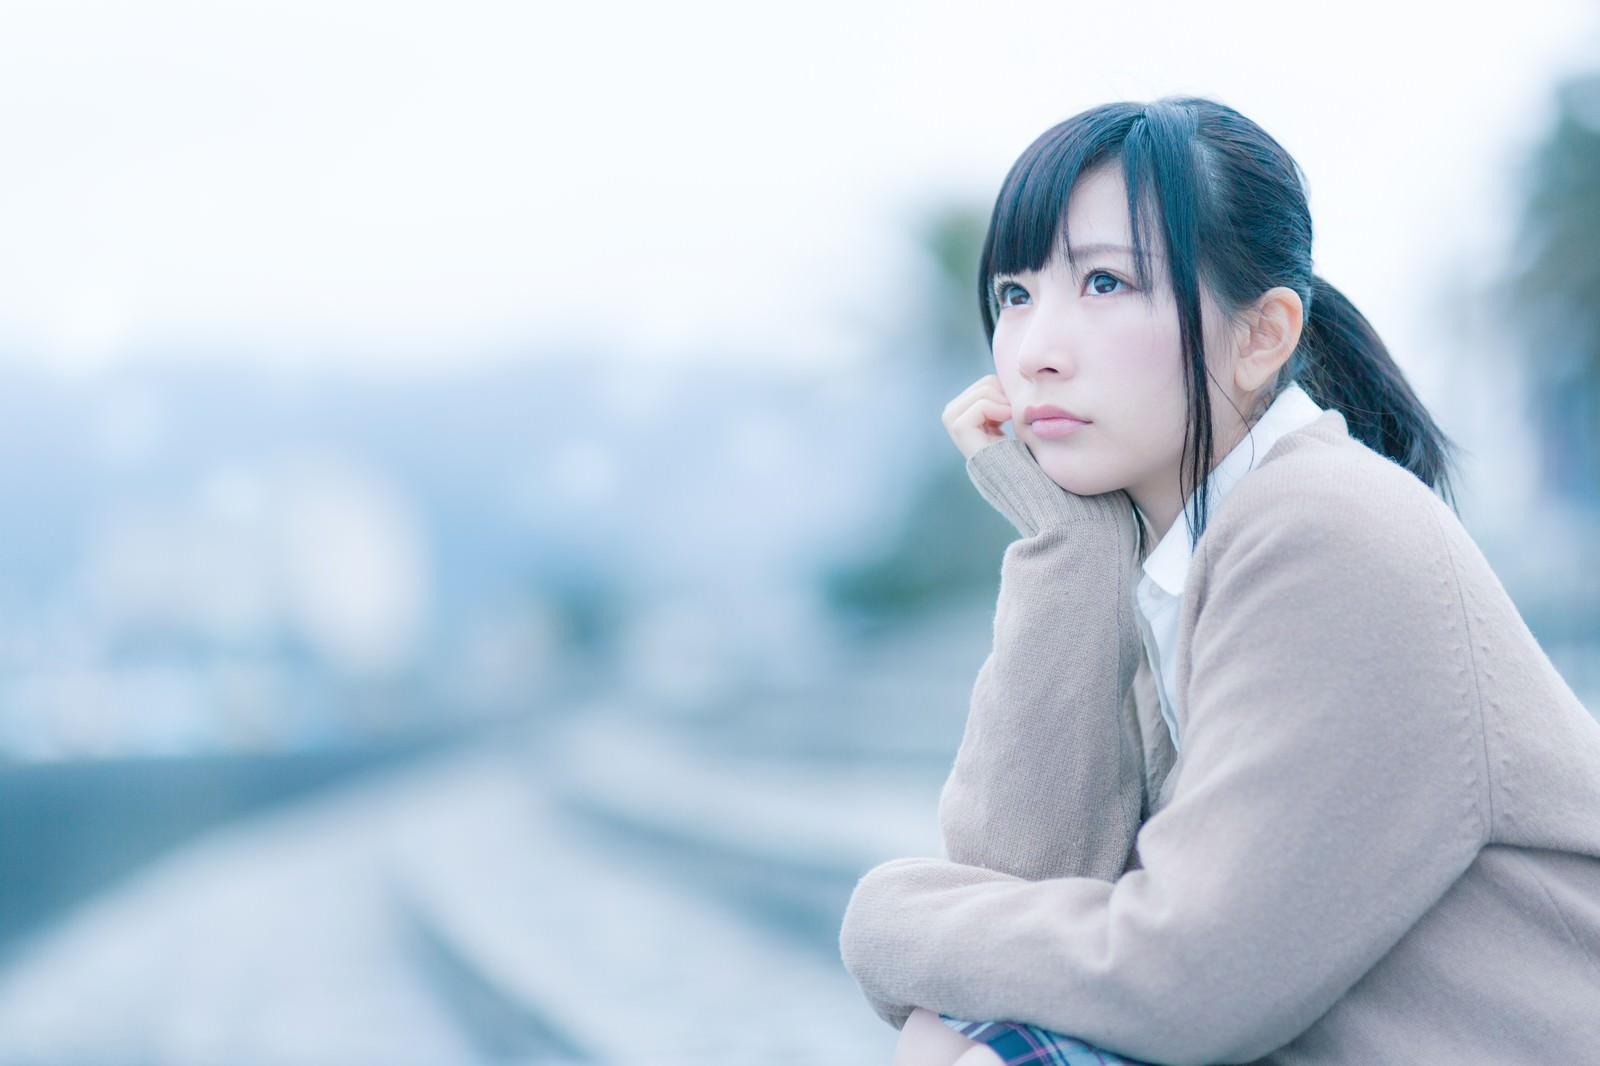 https://www.pakutaso.com/shared/img/thumb/JK92_hohohiji20150222103753_TP_V.jpg